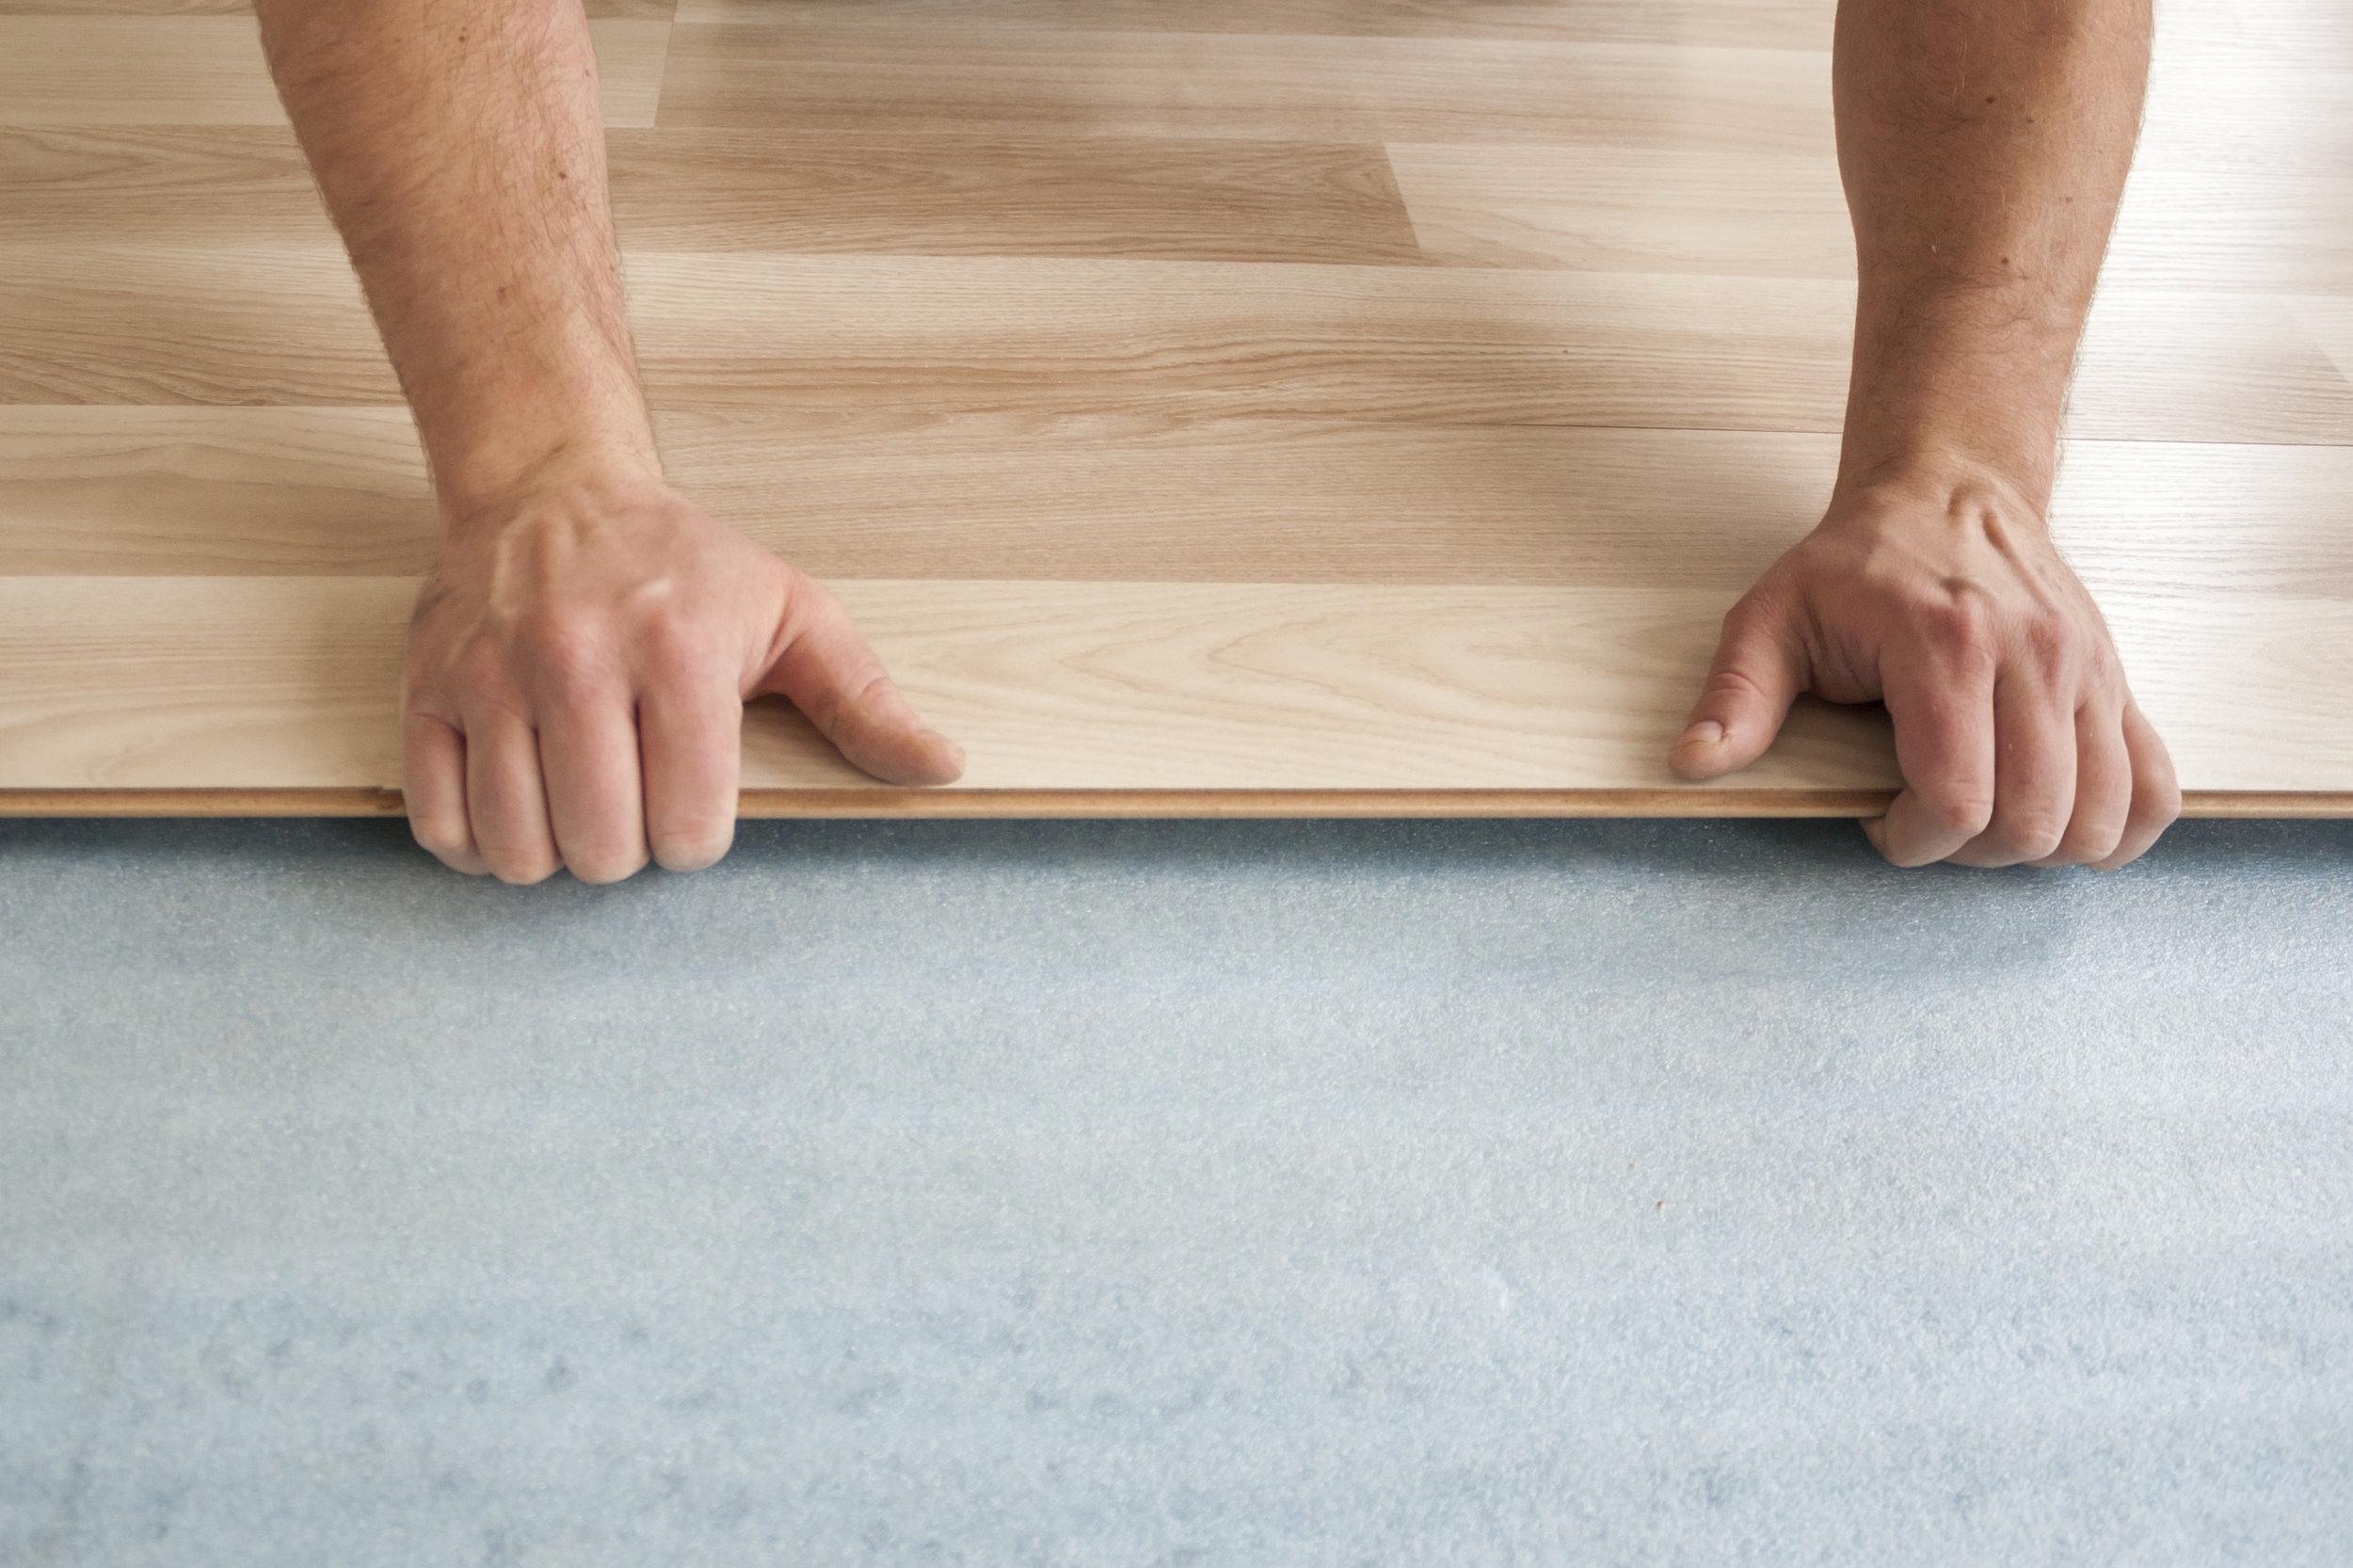 Wood Flooring, Should I Glue Or Float Engineered Wood Floors